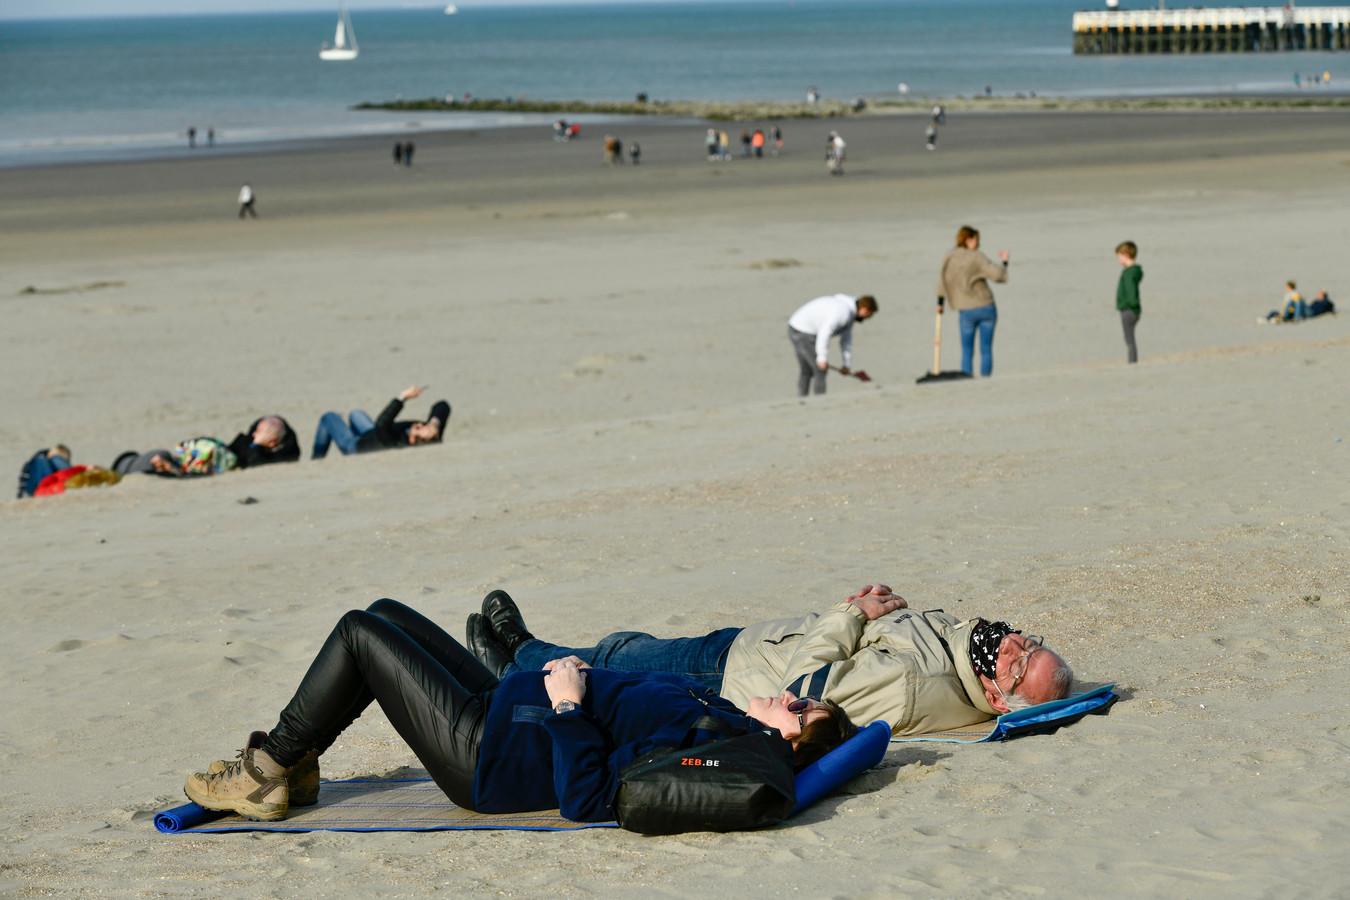 Genieten van de zon, met jas aan (photo by Florian Van Eenoo/Photo News)